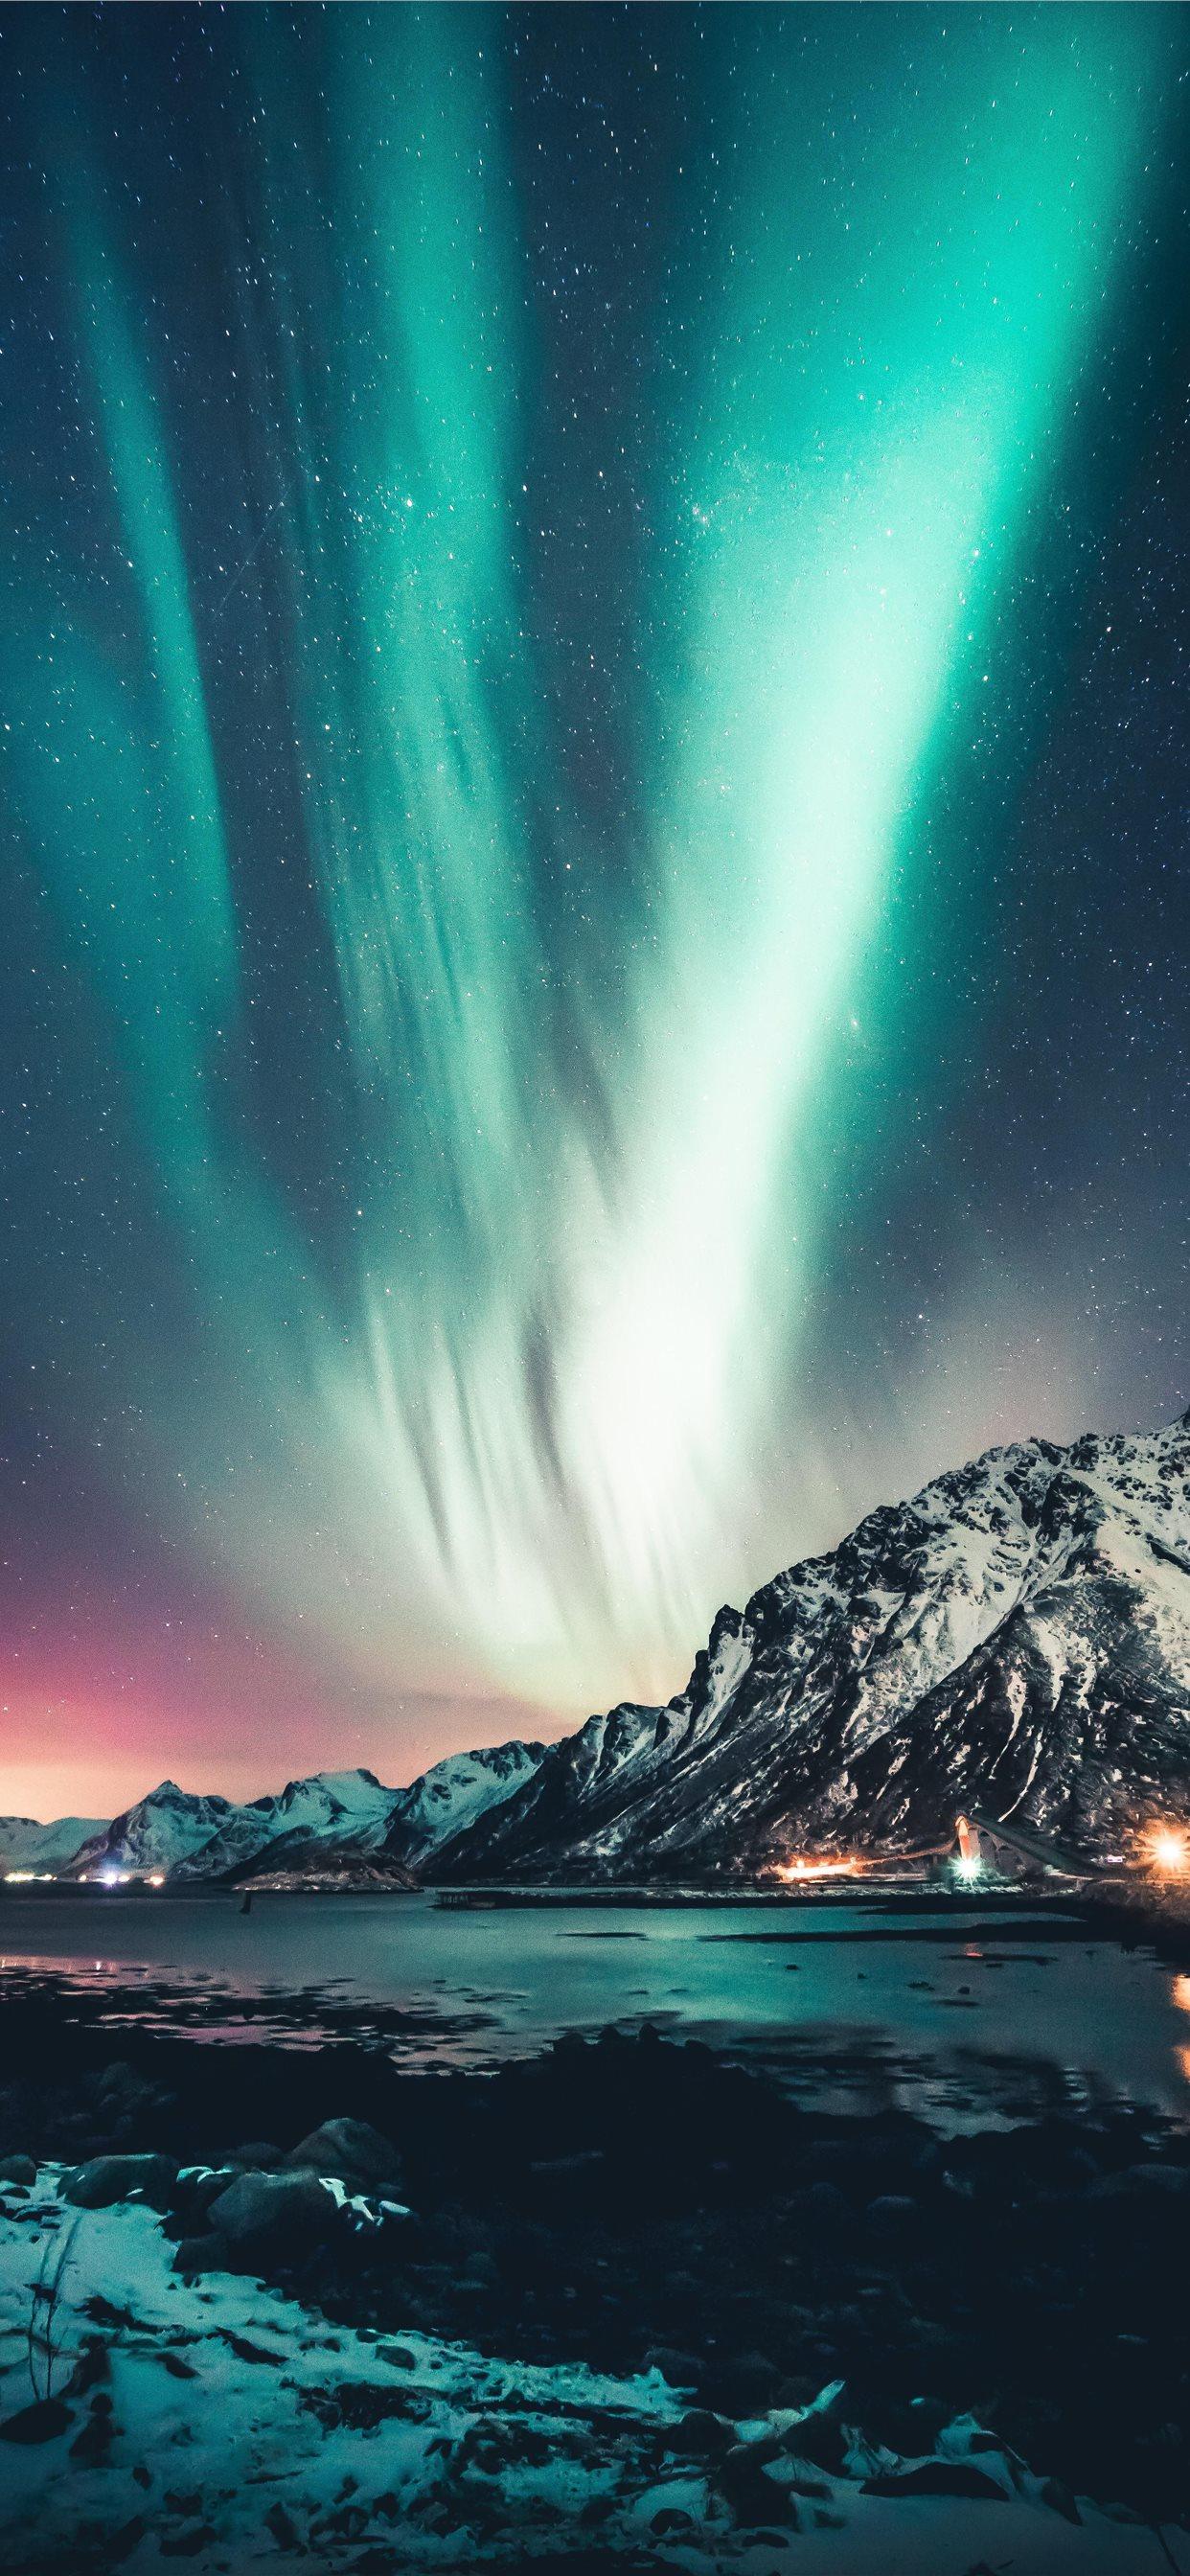 Northern Lights Over Lofoten Islands Norway Oc Iphone X Wallpapers Free Download